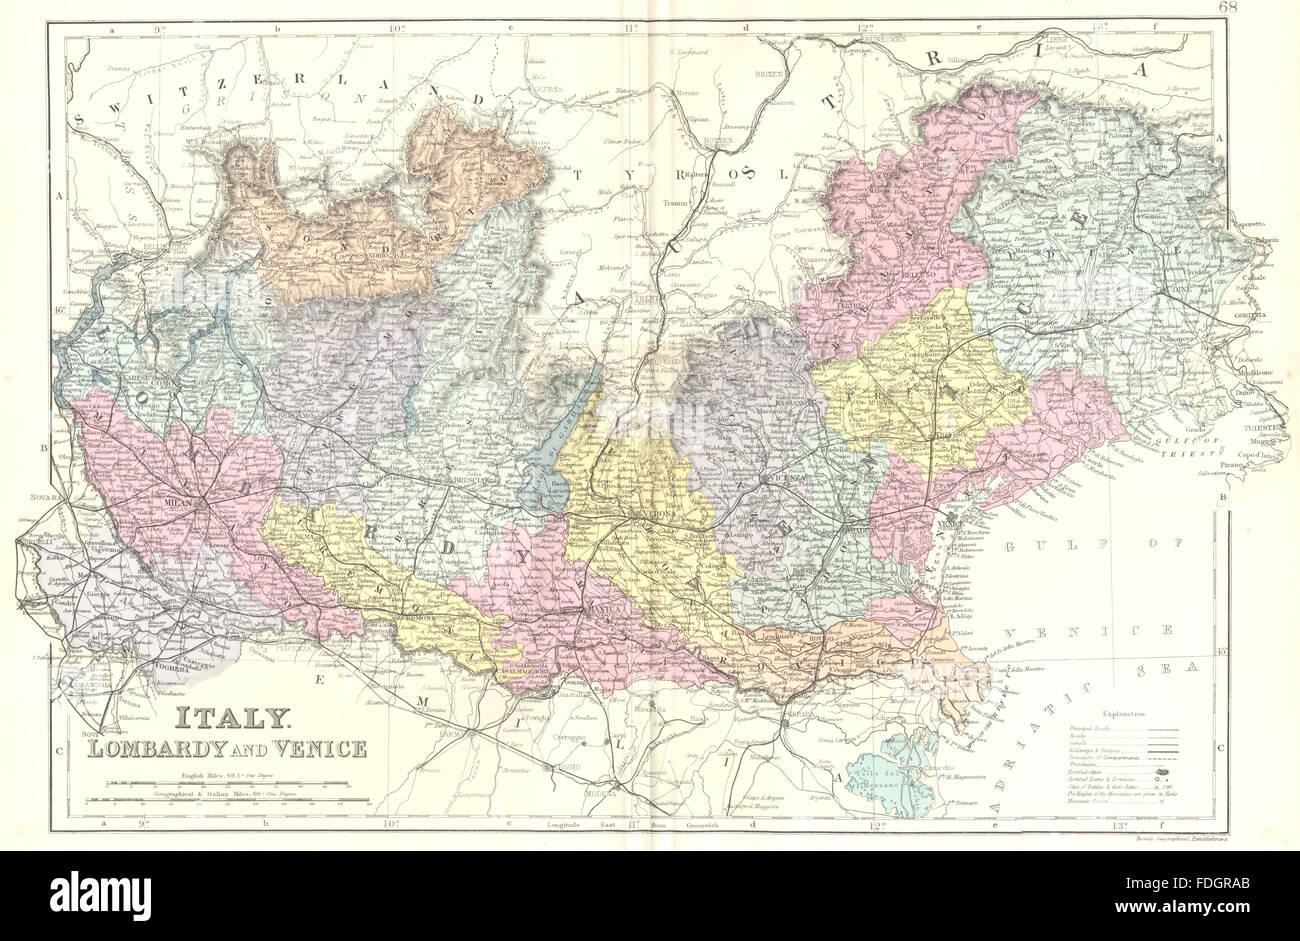 Italia Nord Est Cartina.Italia Nord Est Lombardia Venezia Bacon 1895 Mappa Antichi Foto Stock Alamy